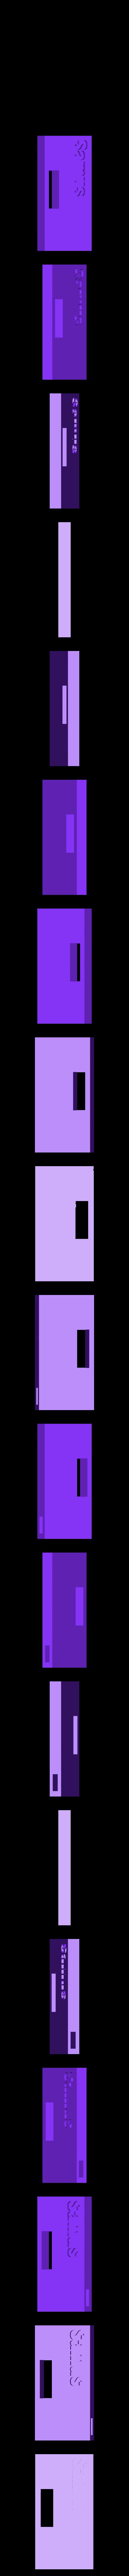 SamusDock.stl Télécharger fichier STL gratuit Amoureux 8 bits • Modèle pour impression 3D, DelhiCucumber